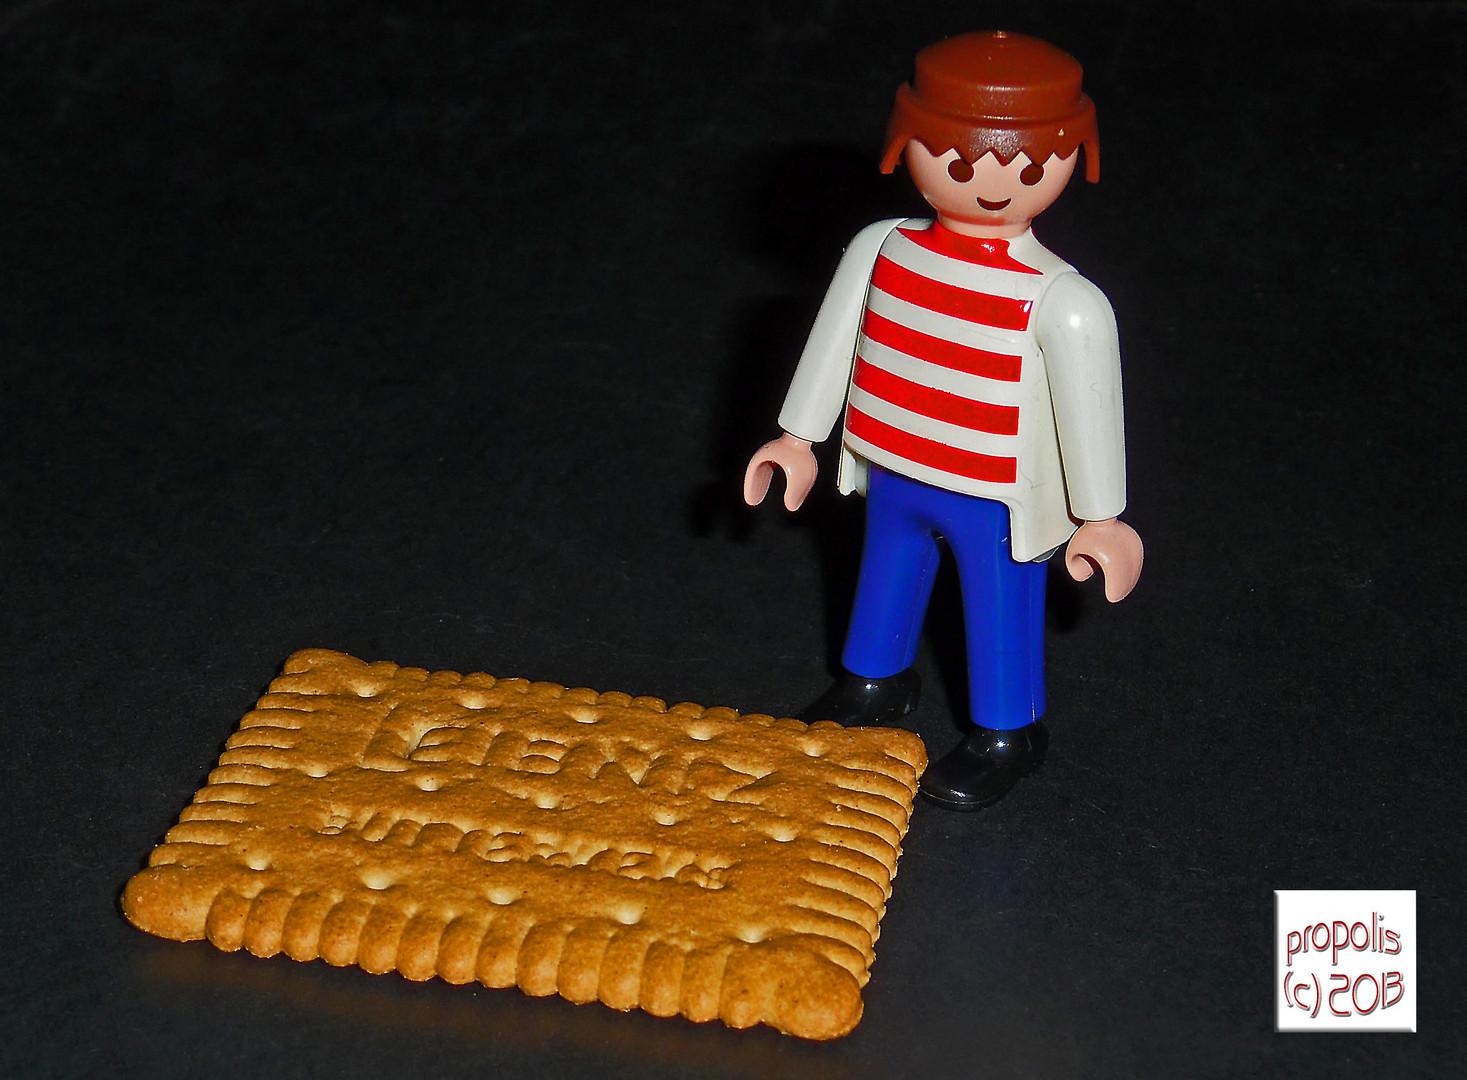 geh mir nicht auf den Keks ´:o))))